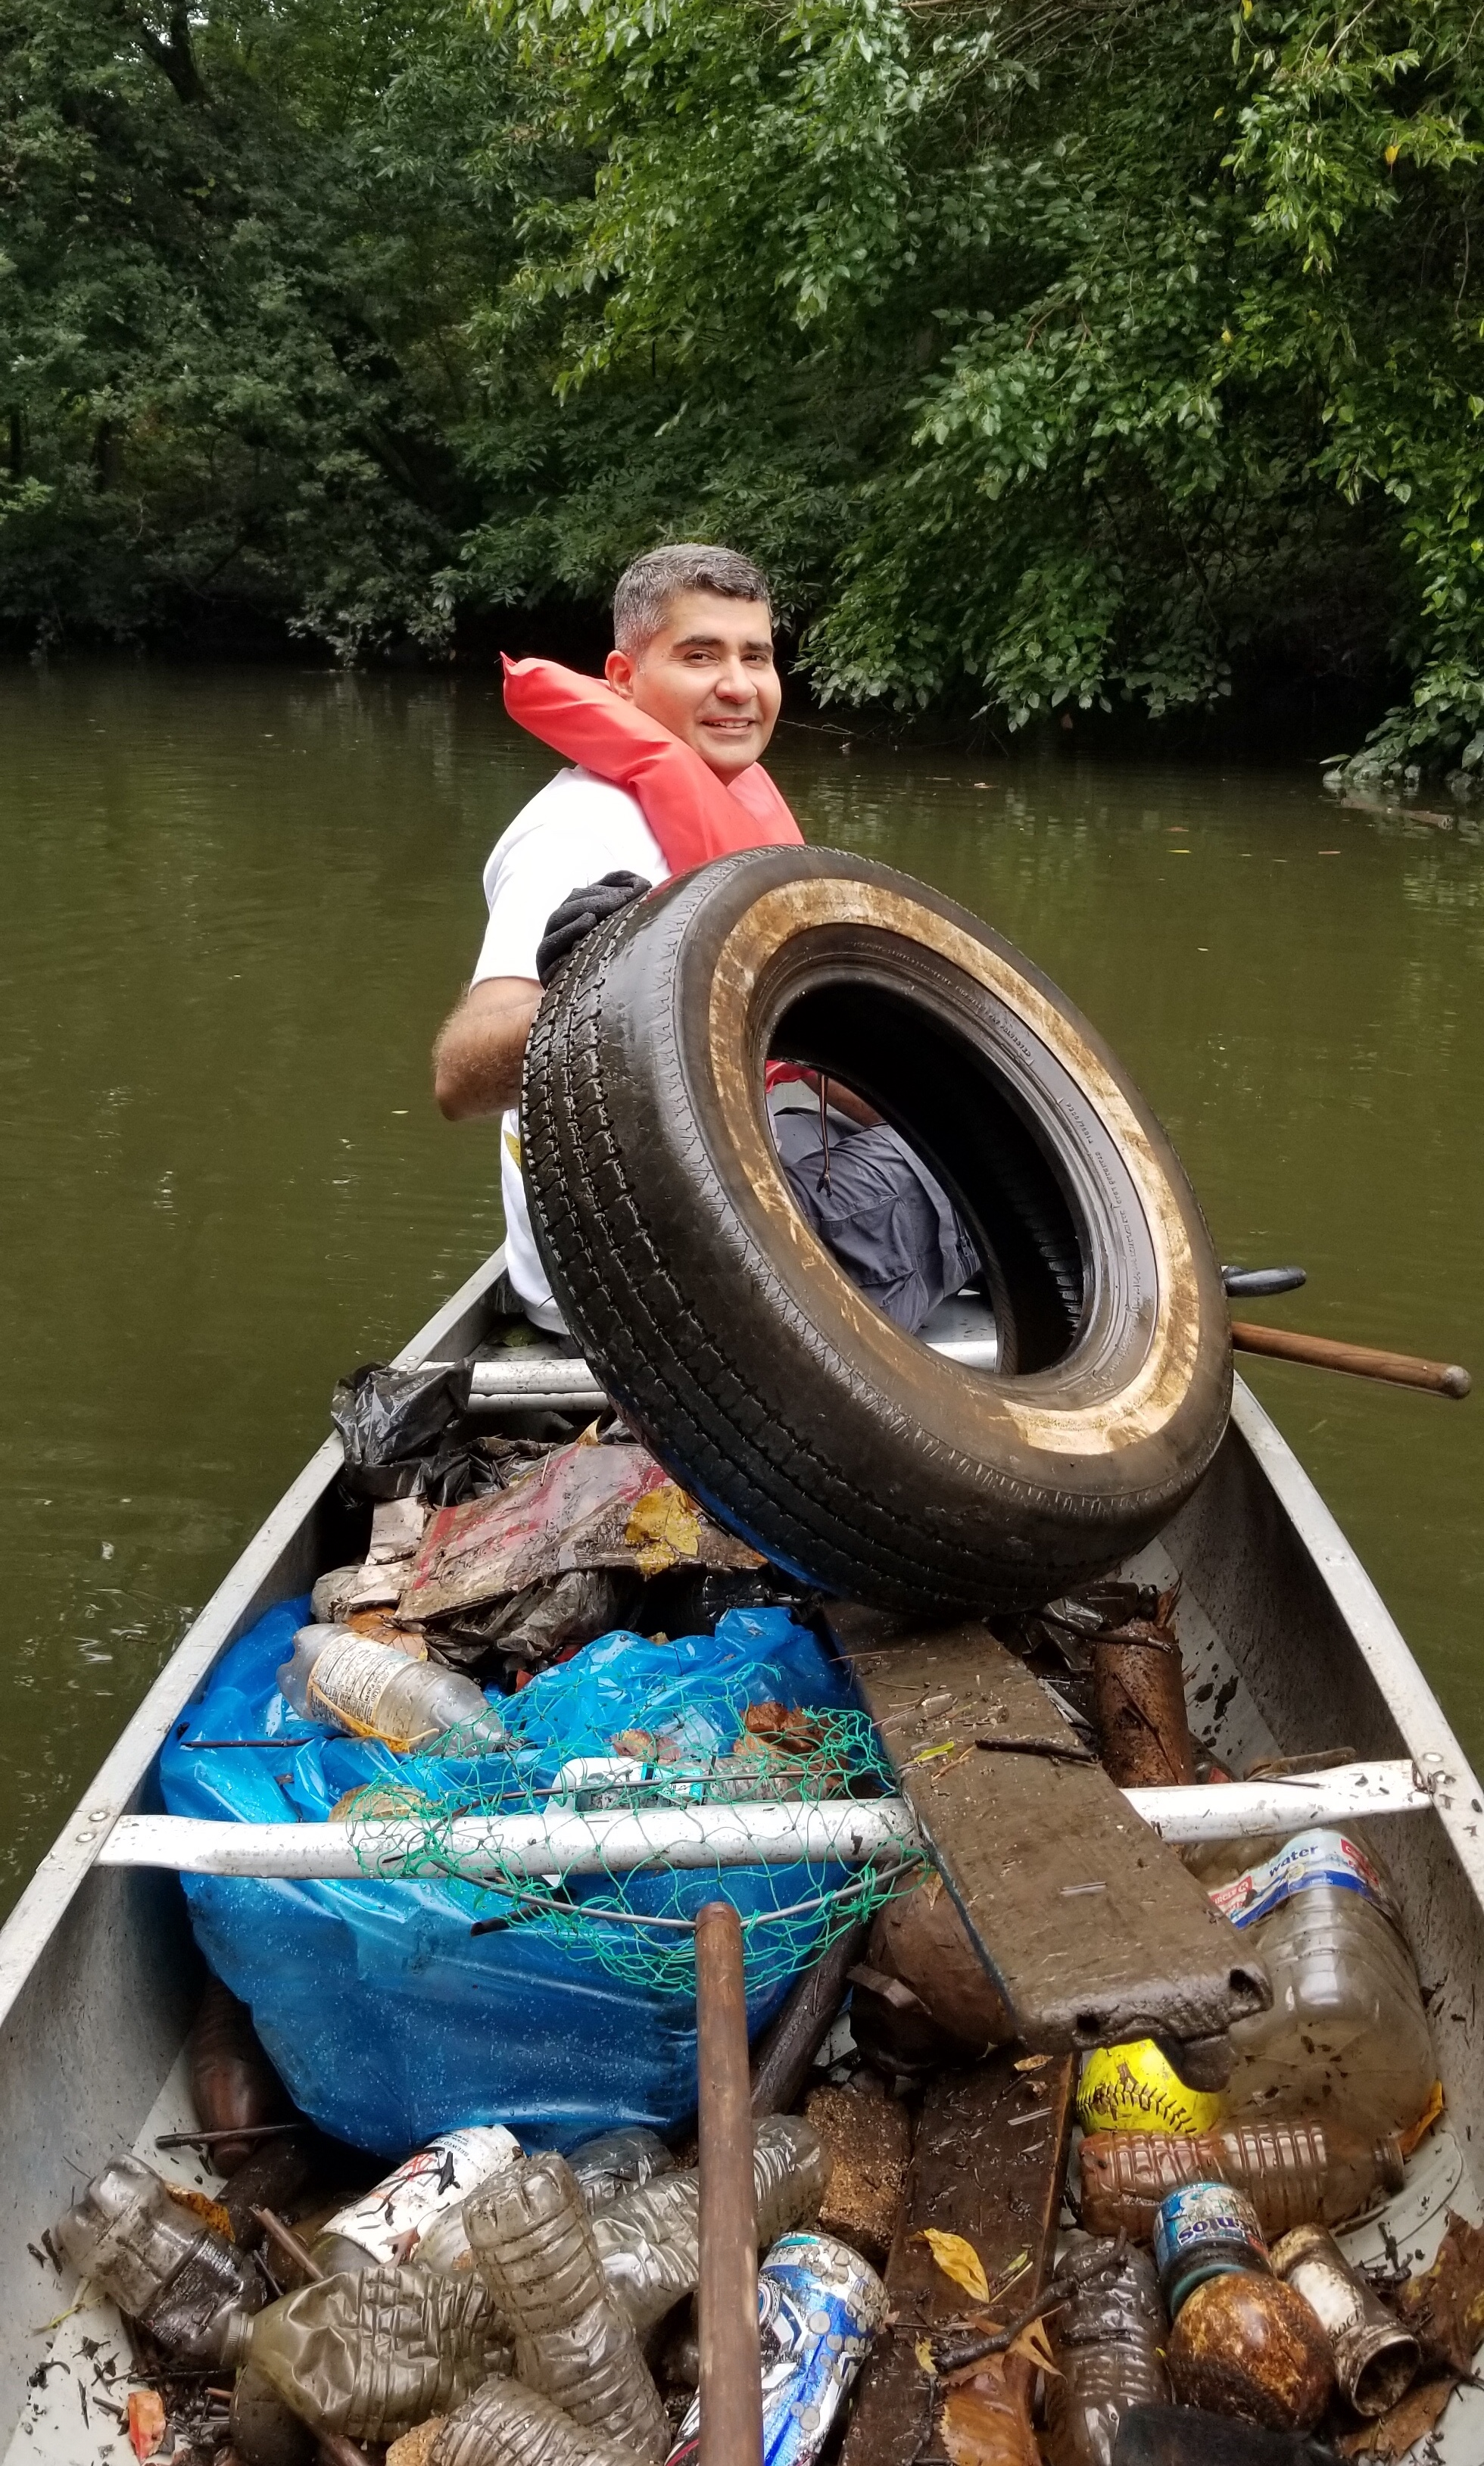 Pankaj's collection of trash, including the bulky tire!